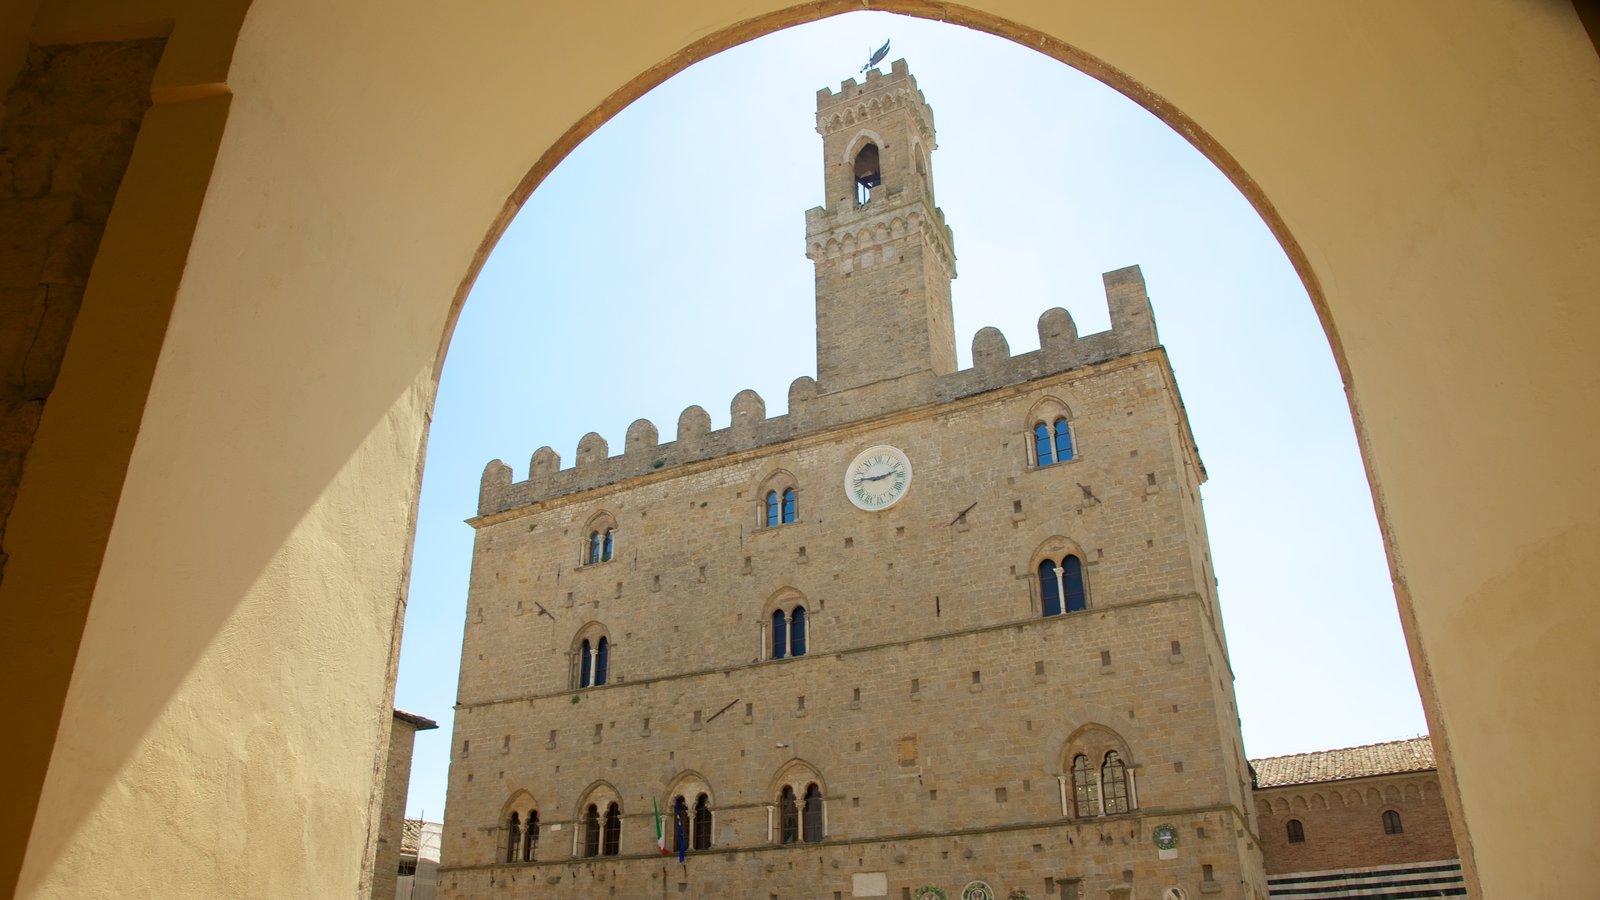 Piazza dei Priori featuring heritage architecture